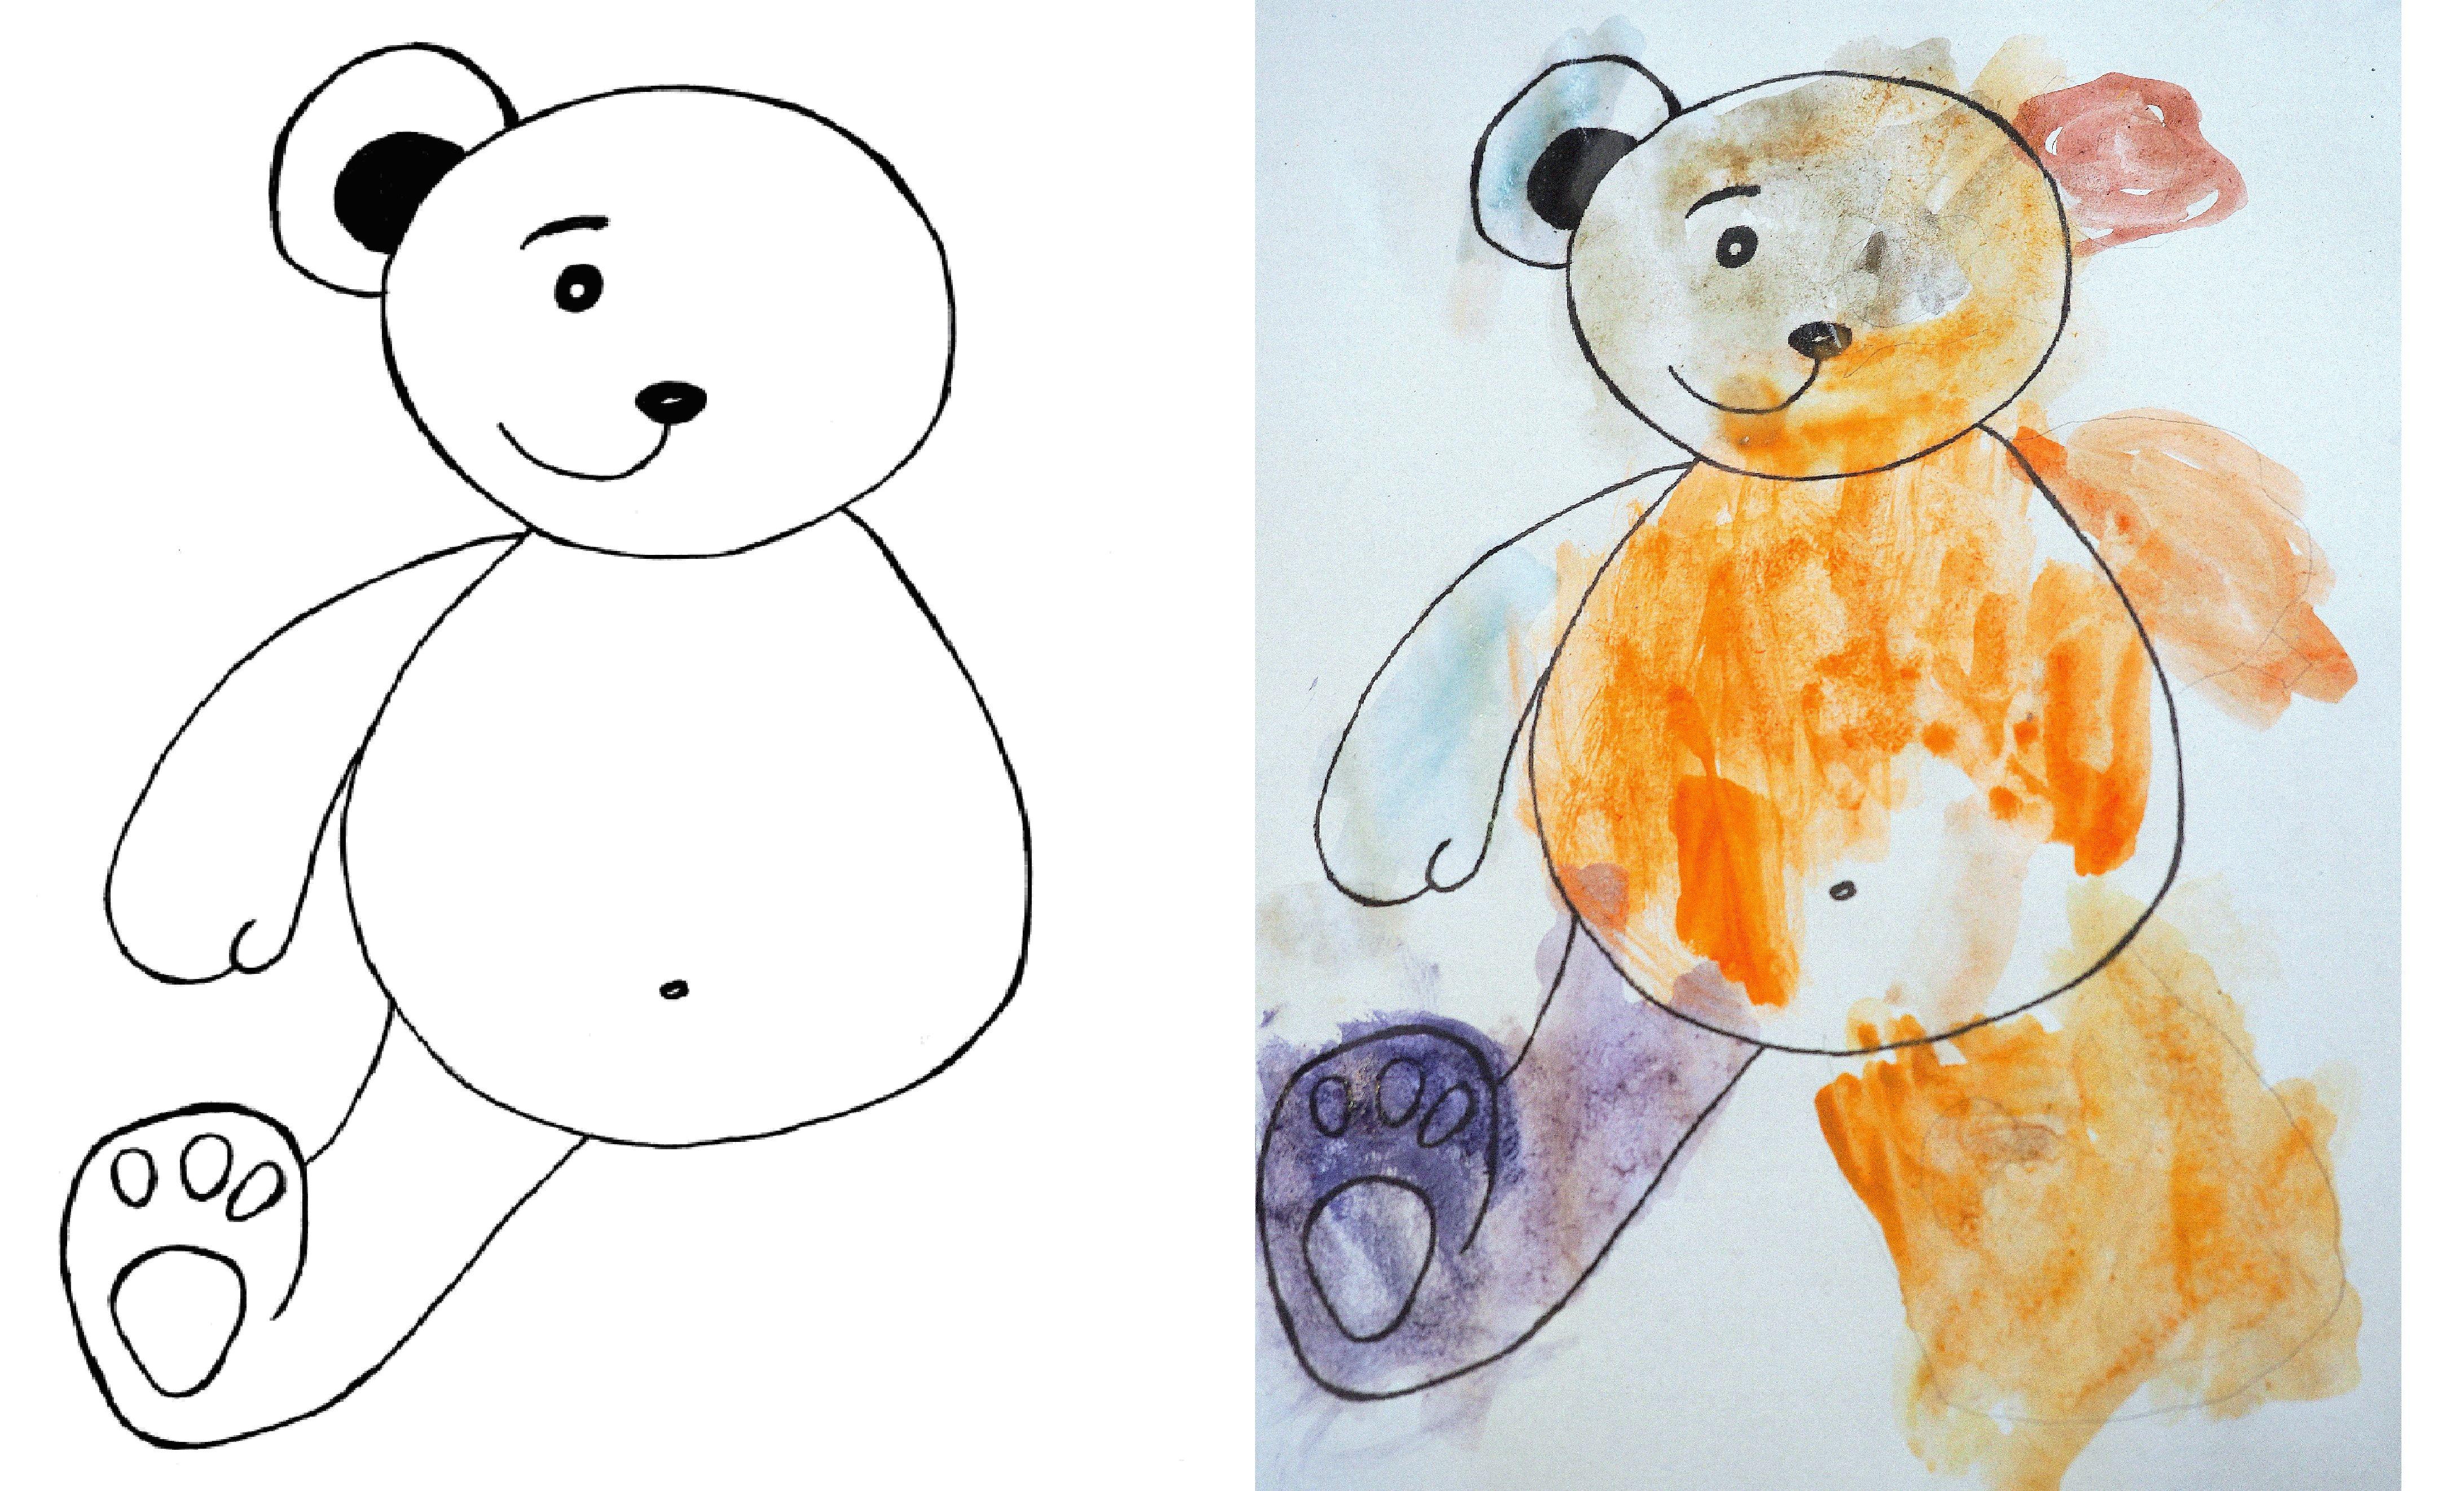 Dokoncz Rysowac Misia Moje Dzieci Kreatywnie Arts And Crafts Crafts Fun